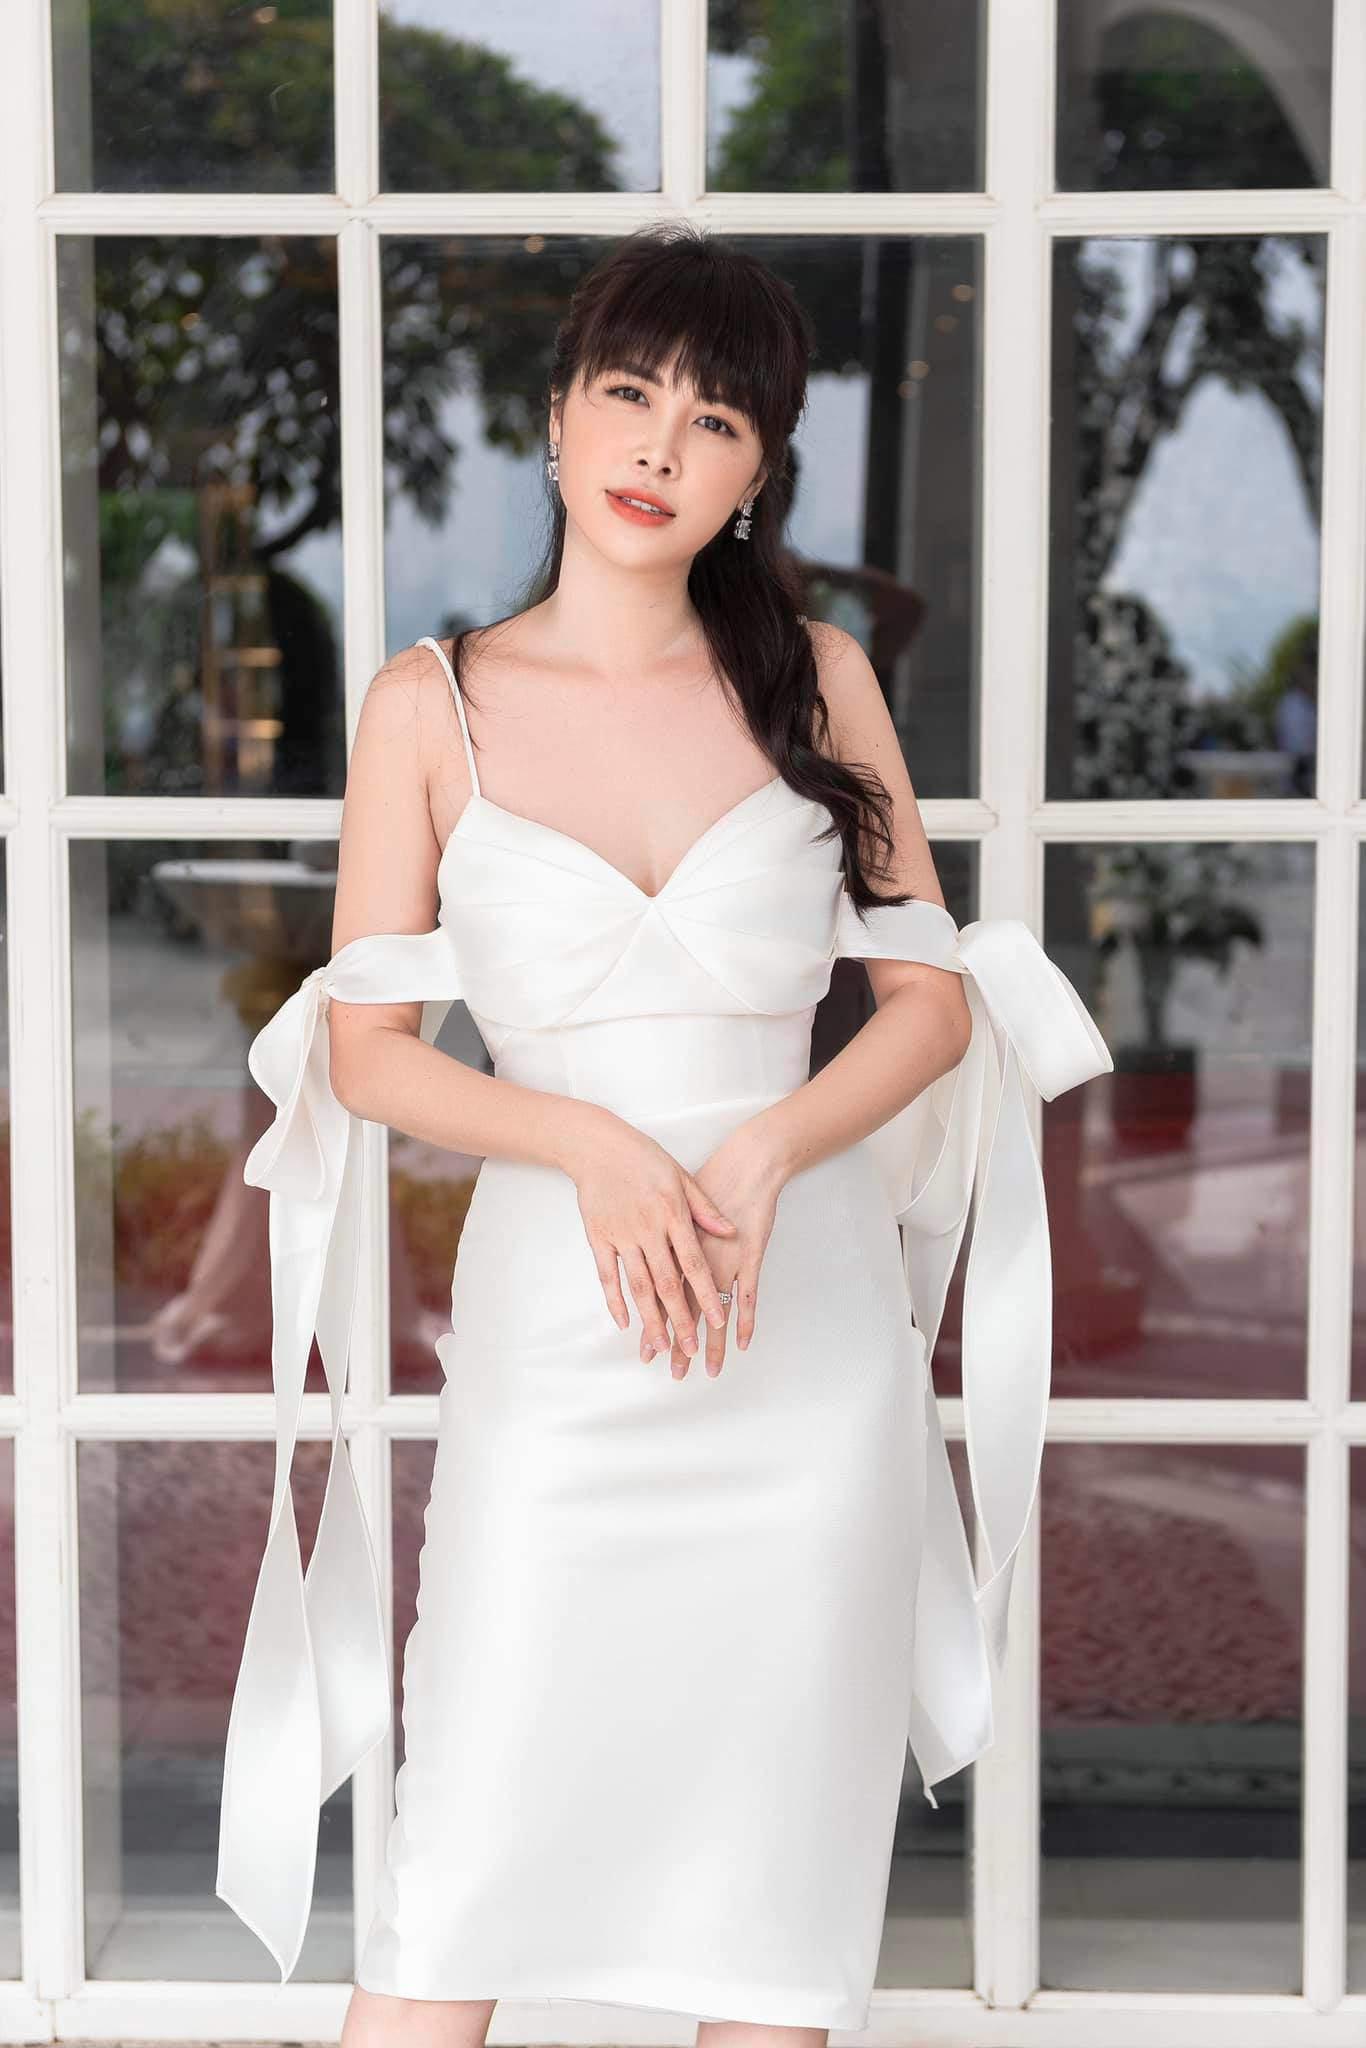 Sinh nhật Đăng Khôi, bà xã U40 đẹp lấn át chồng vì cả da lẫn dáng đều như gái 20 - 9